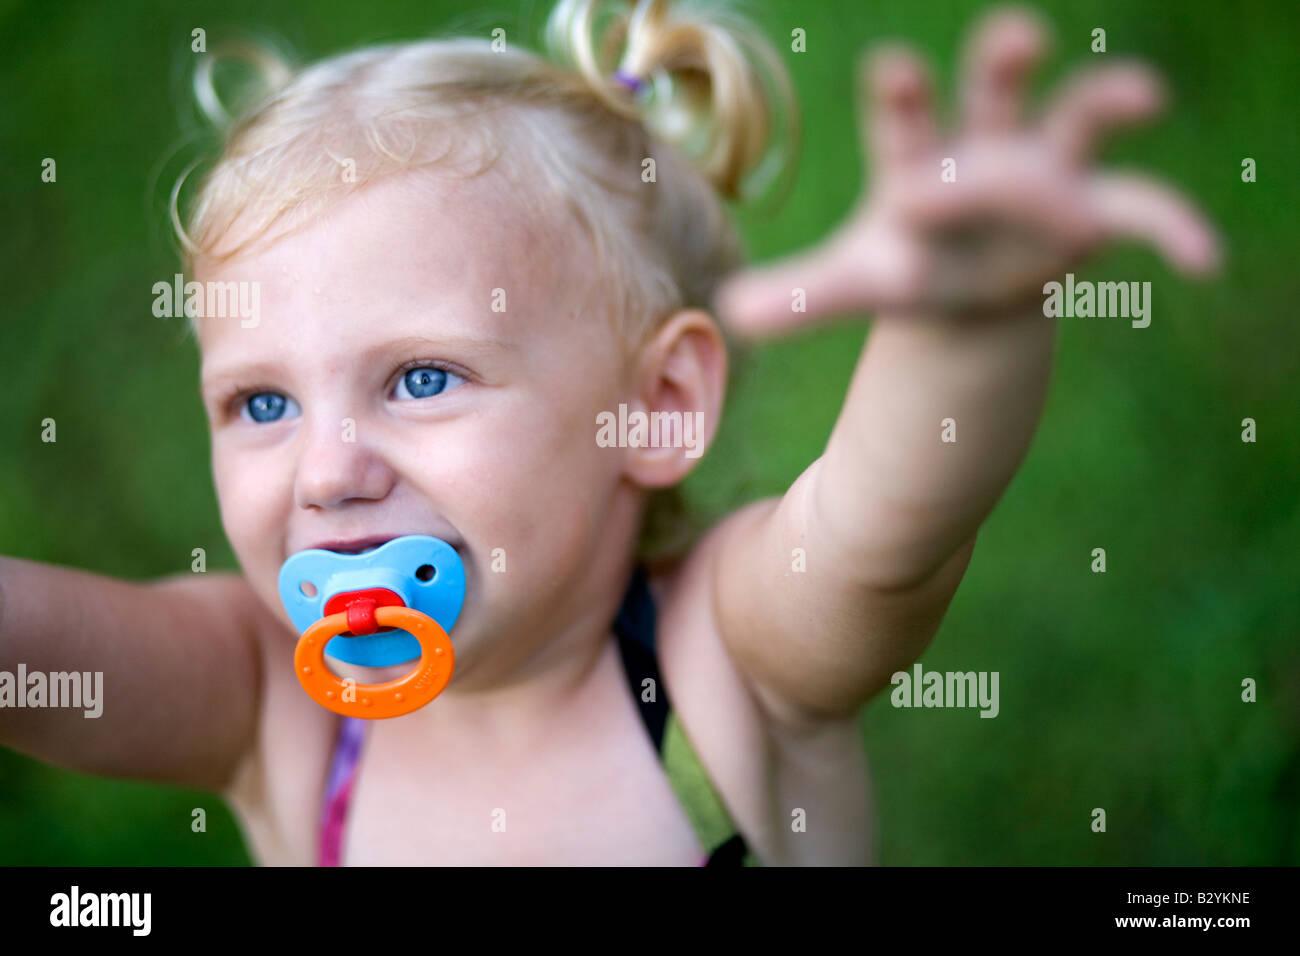 Ein zwei-jährigen Mädchen mit einem Schnuller und Pig Tails erreicht beim Spielen im Freien. Stockbild